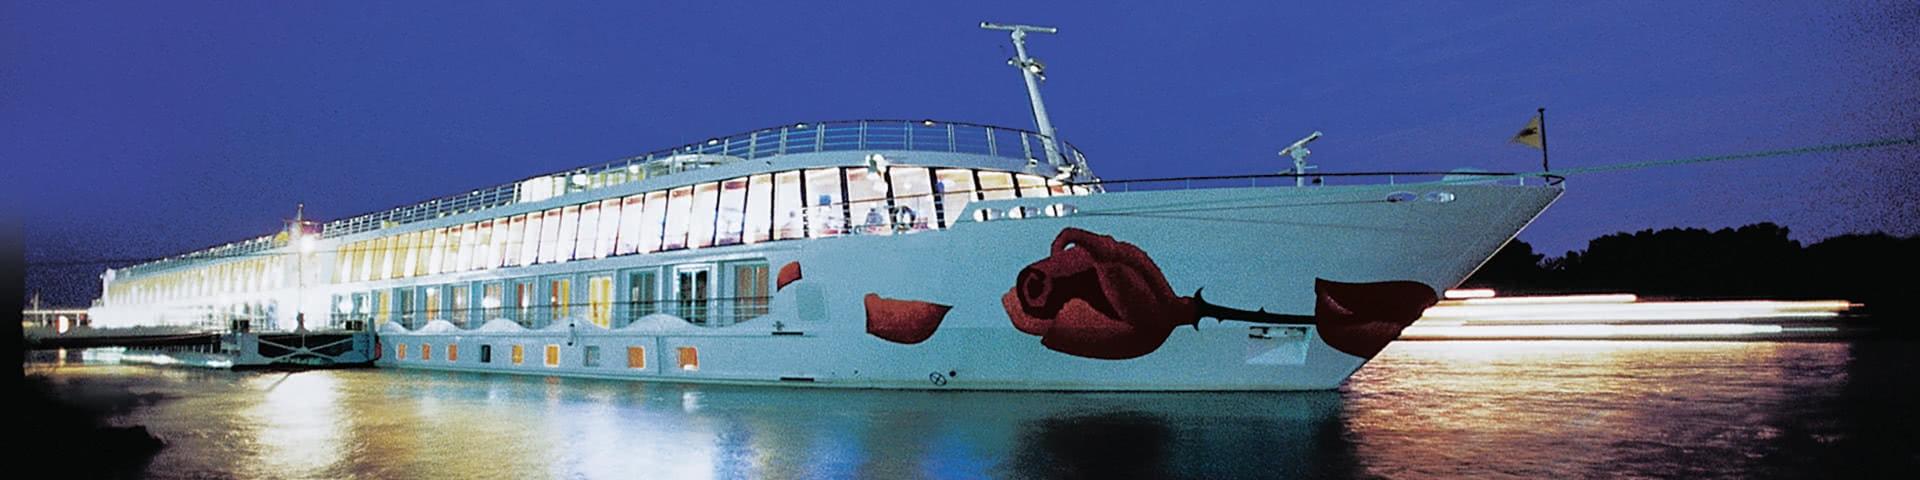 Flusskreuzfahrtschiff A-Rosa bei Dämmerung